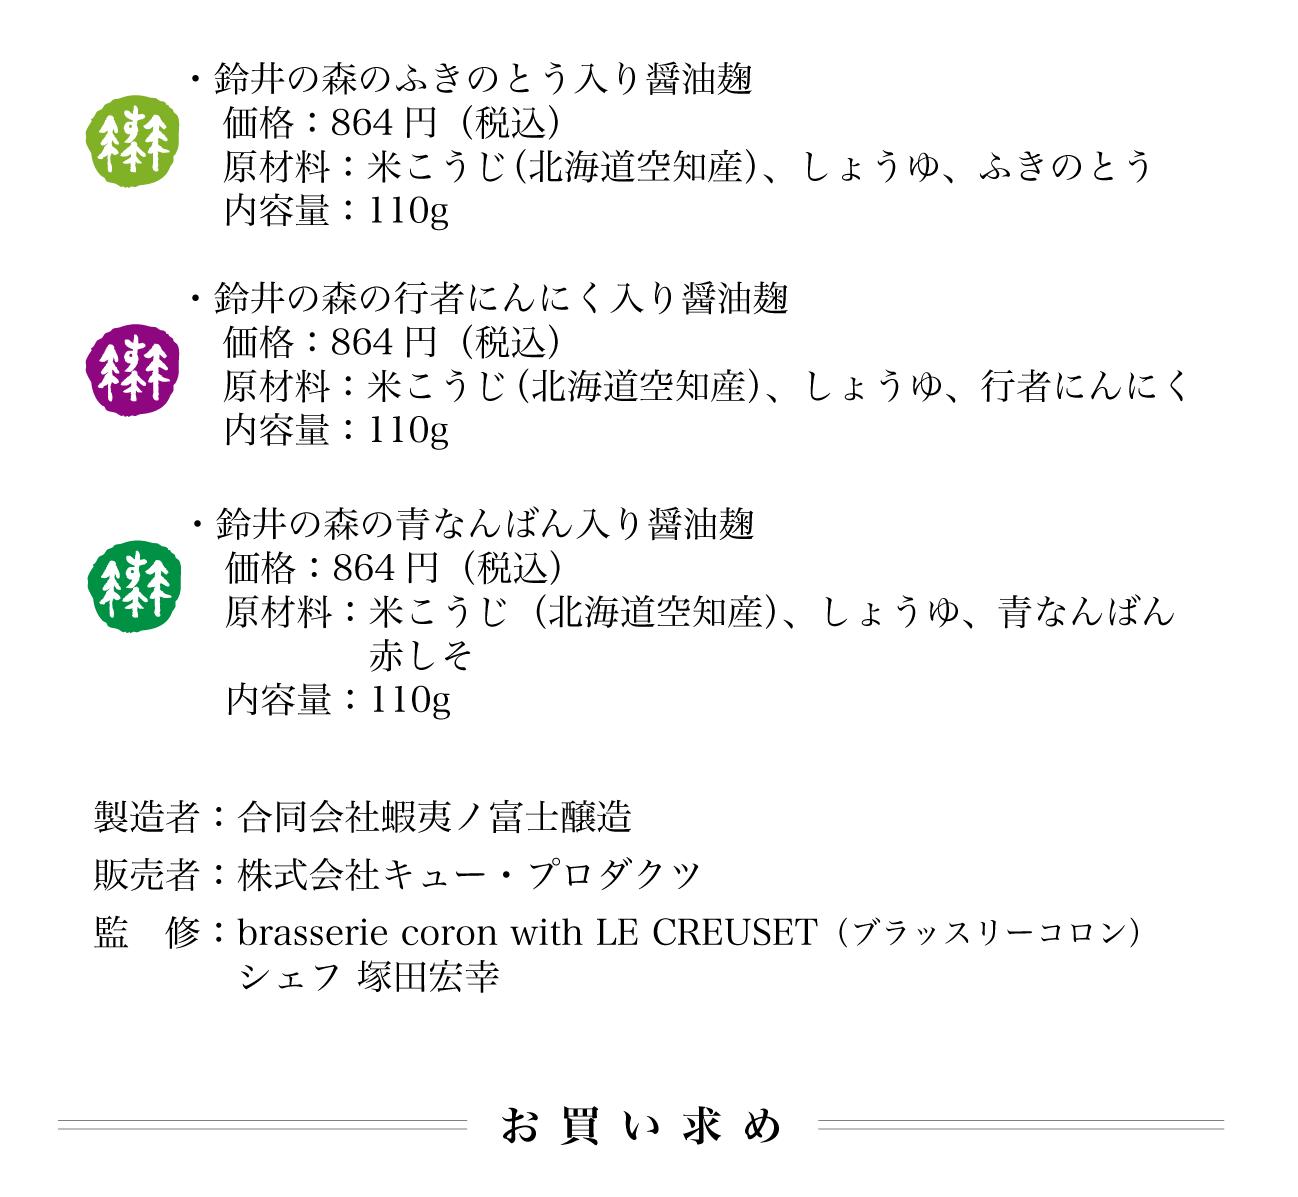 suzuinomori2021_web_04.png